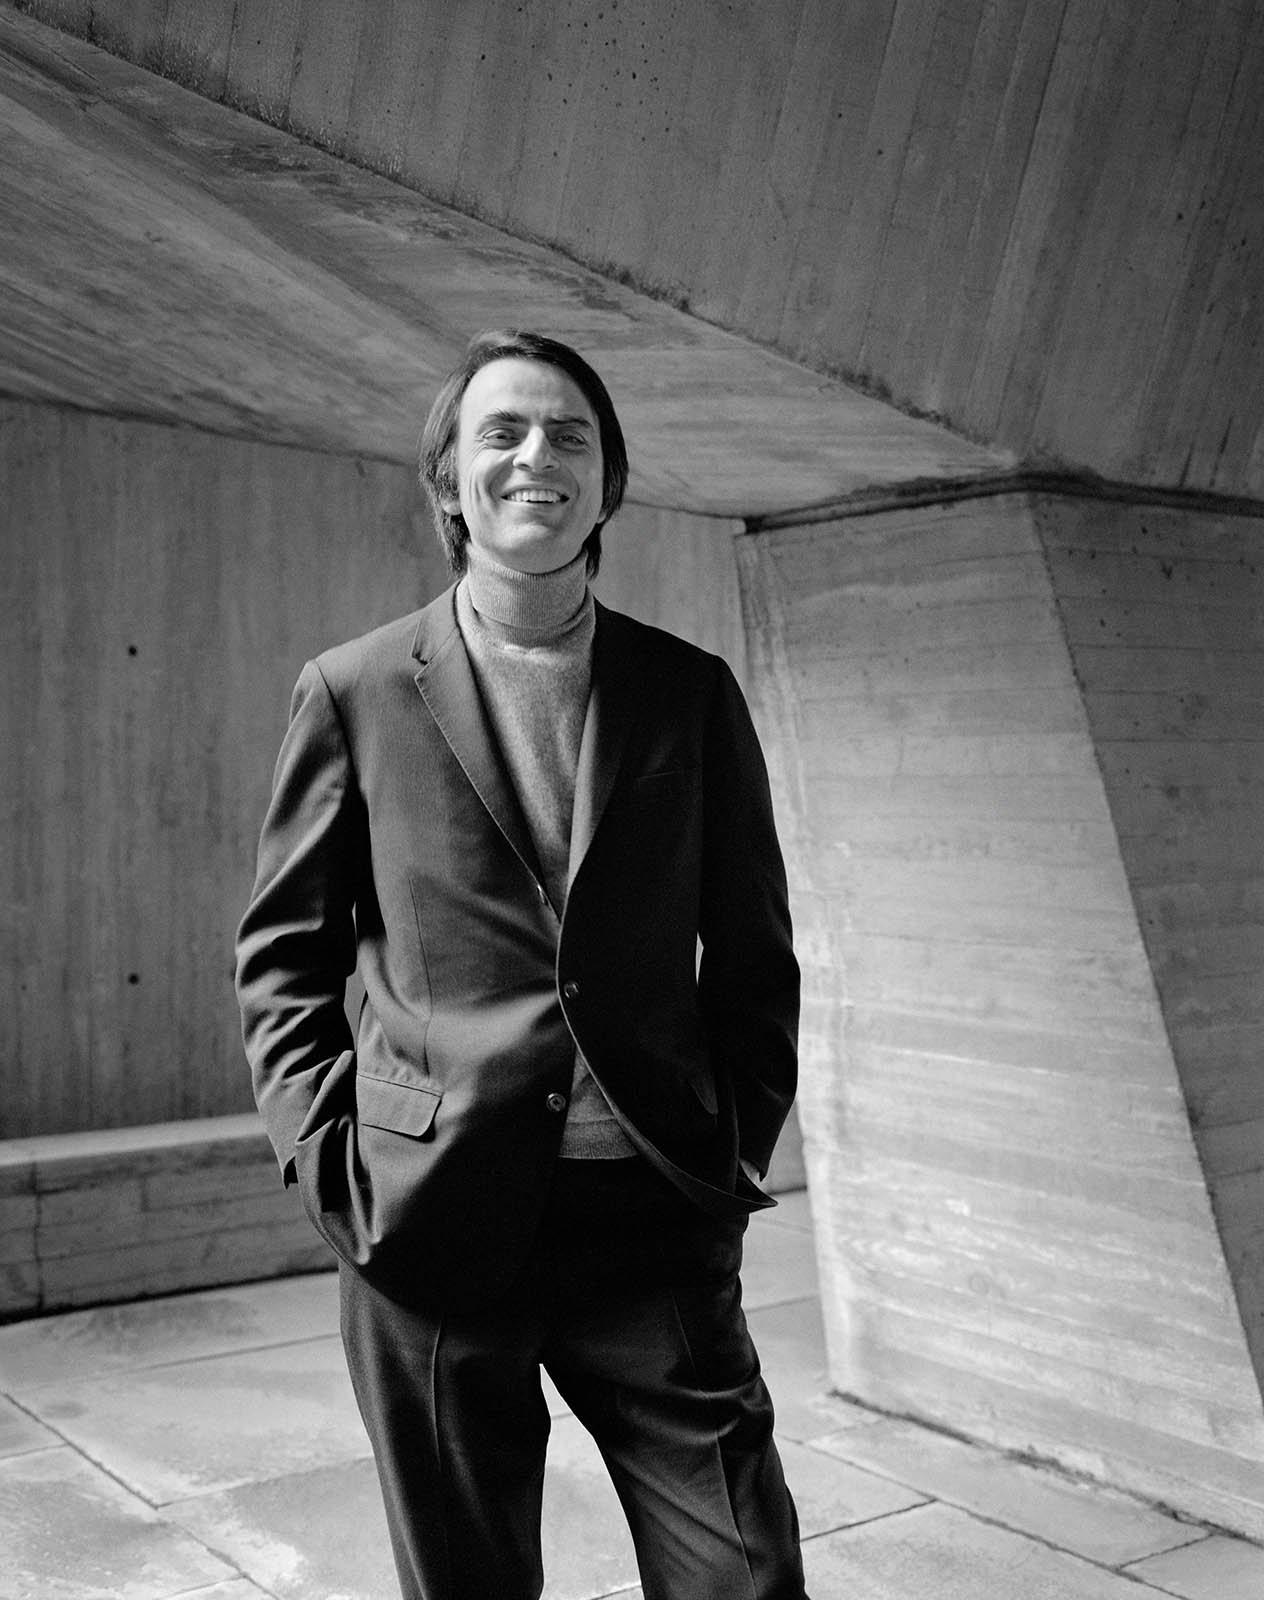 Hoy celebramos el Día de Carl Sagan